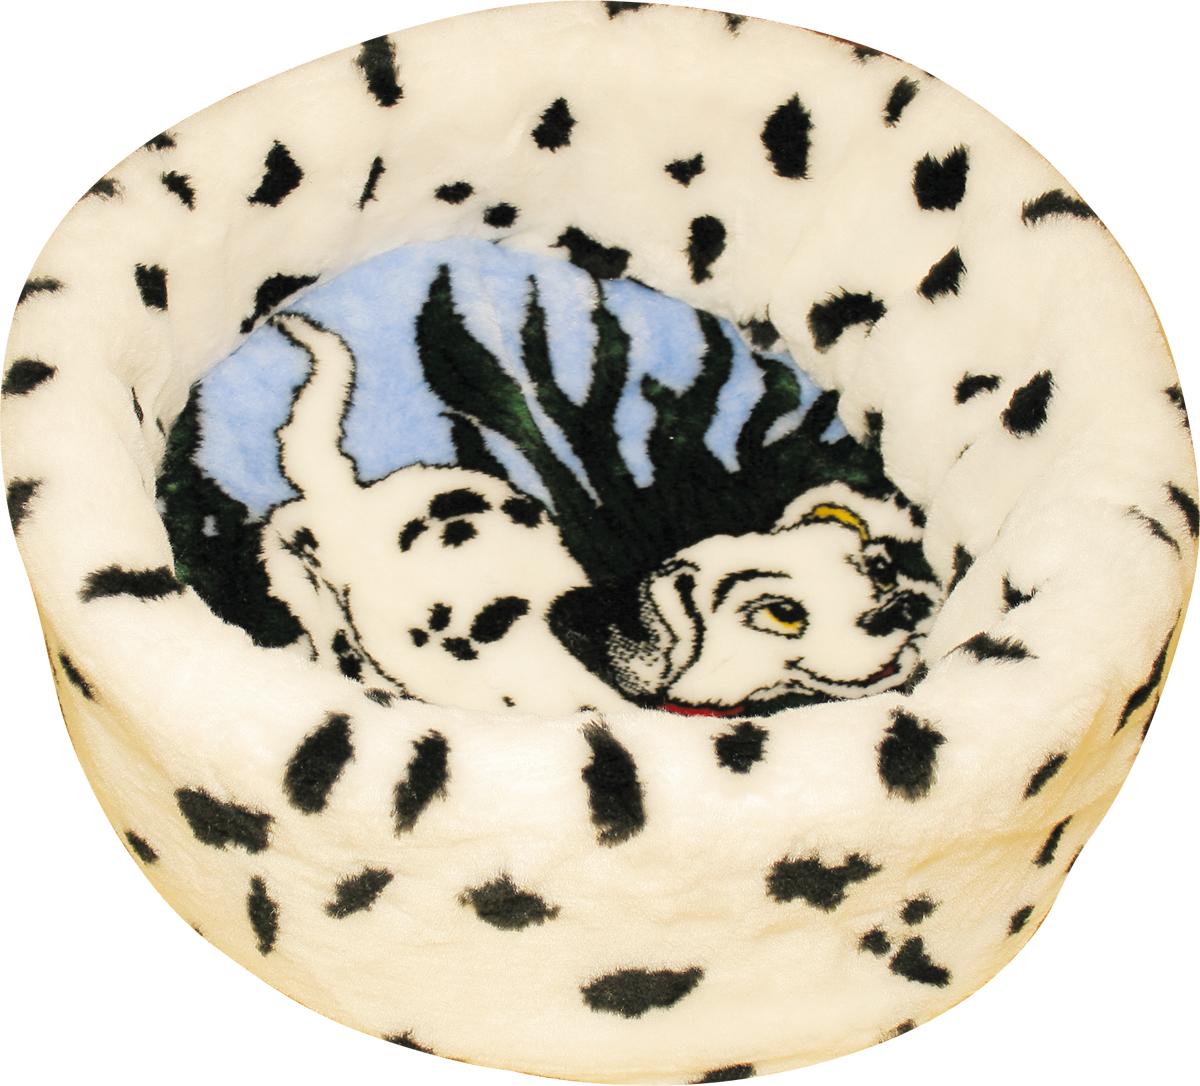 Лежак для животных Зооник Далматин, цвет: белый, черный, голубой, 47 х 47 х 17 см22117Мягкий лежак для животных Зооник Далматин обязательно понравится вашему питомцу. Он выполнен из высококачественного искусственного меха бело- черного цвета, а наполнитель - из поролона. Такой материал не теряет своей формы долгое время. Борта и съемная подстилка обеспечат вашему любимцу уют, а форма лежанки позволит удобно расположиться внутри. Лежак Зооник Далматин станет излюбленным местом вашего питомца, подарит ему спокойный и комфортный сон, а также убережет вашу мебель от многочисленной шерсти.